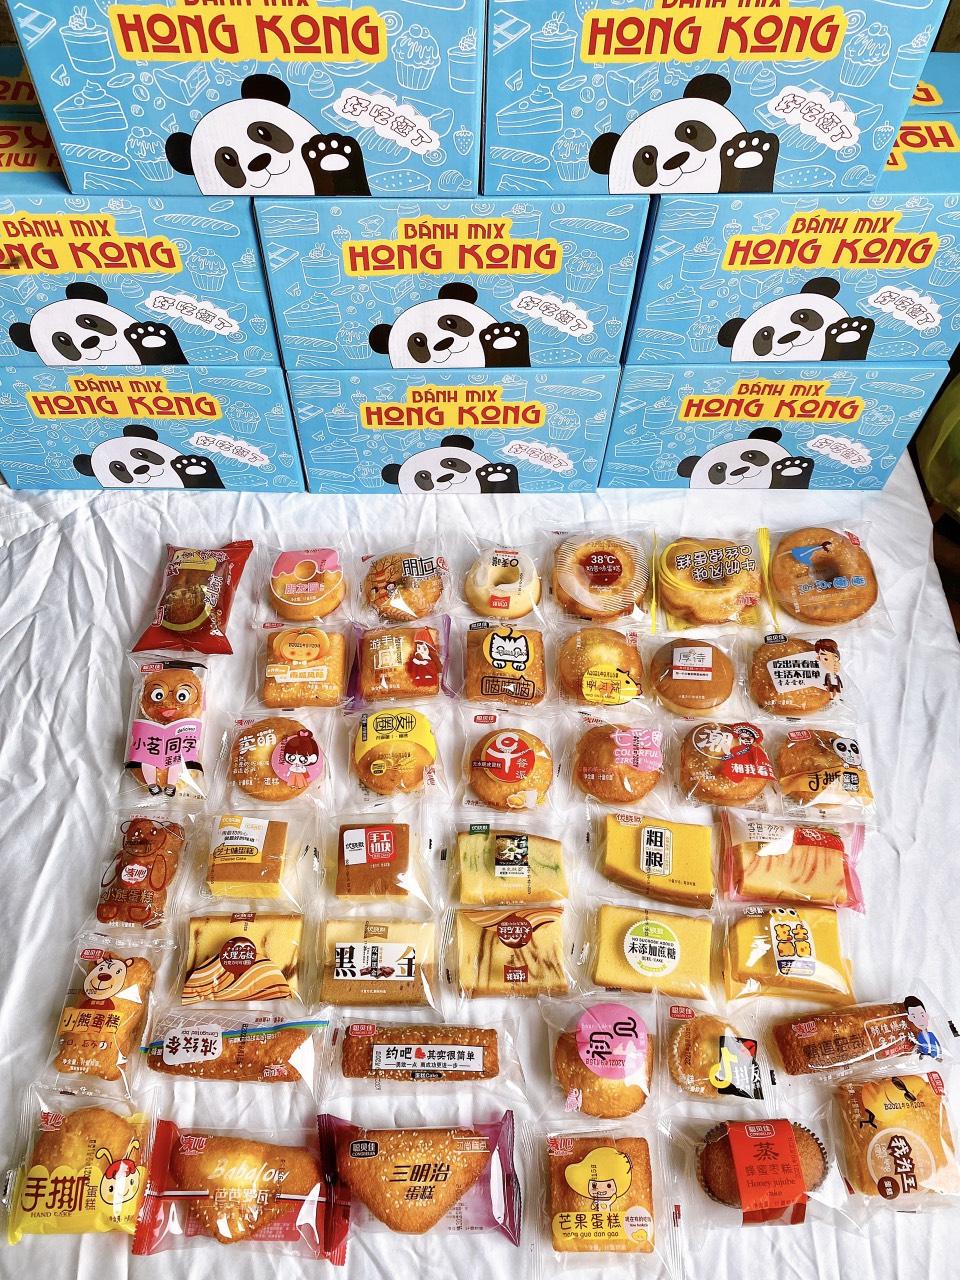 Bánh mix Hongkong hàng nội địa chất lượng cao của trung quốc